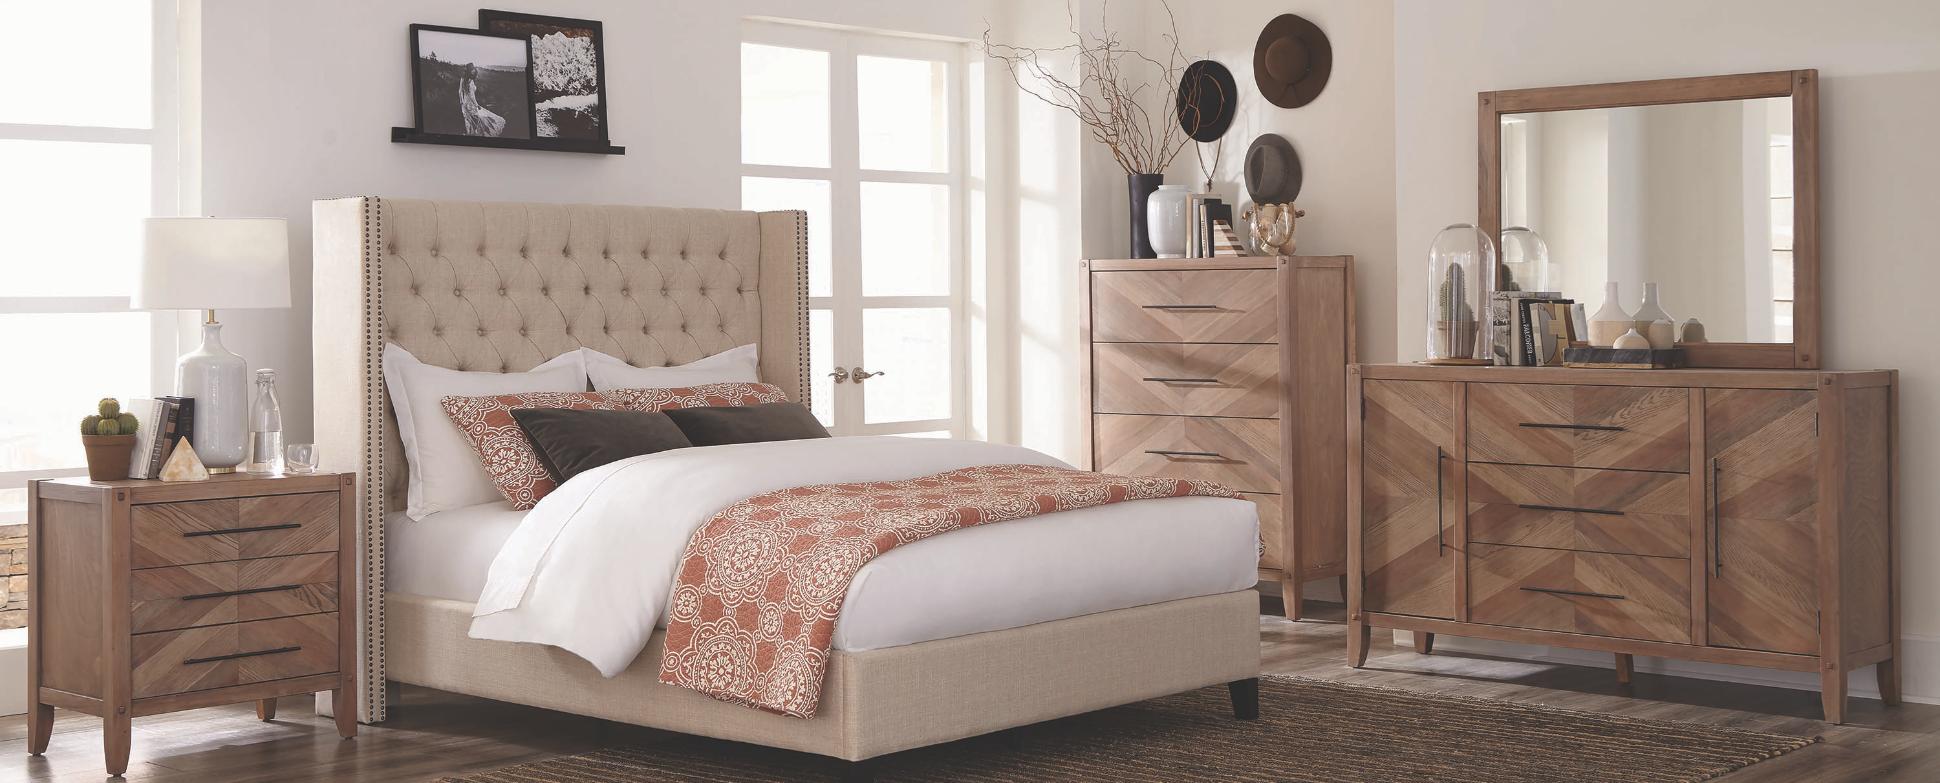 Shop Bedroom Furniture   Oahu, Honolulu, Kapolei, Pearlridge, Salt ...